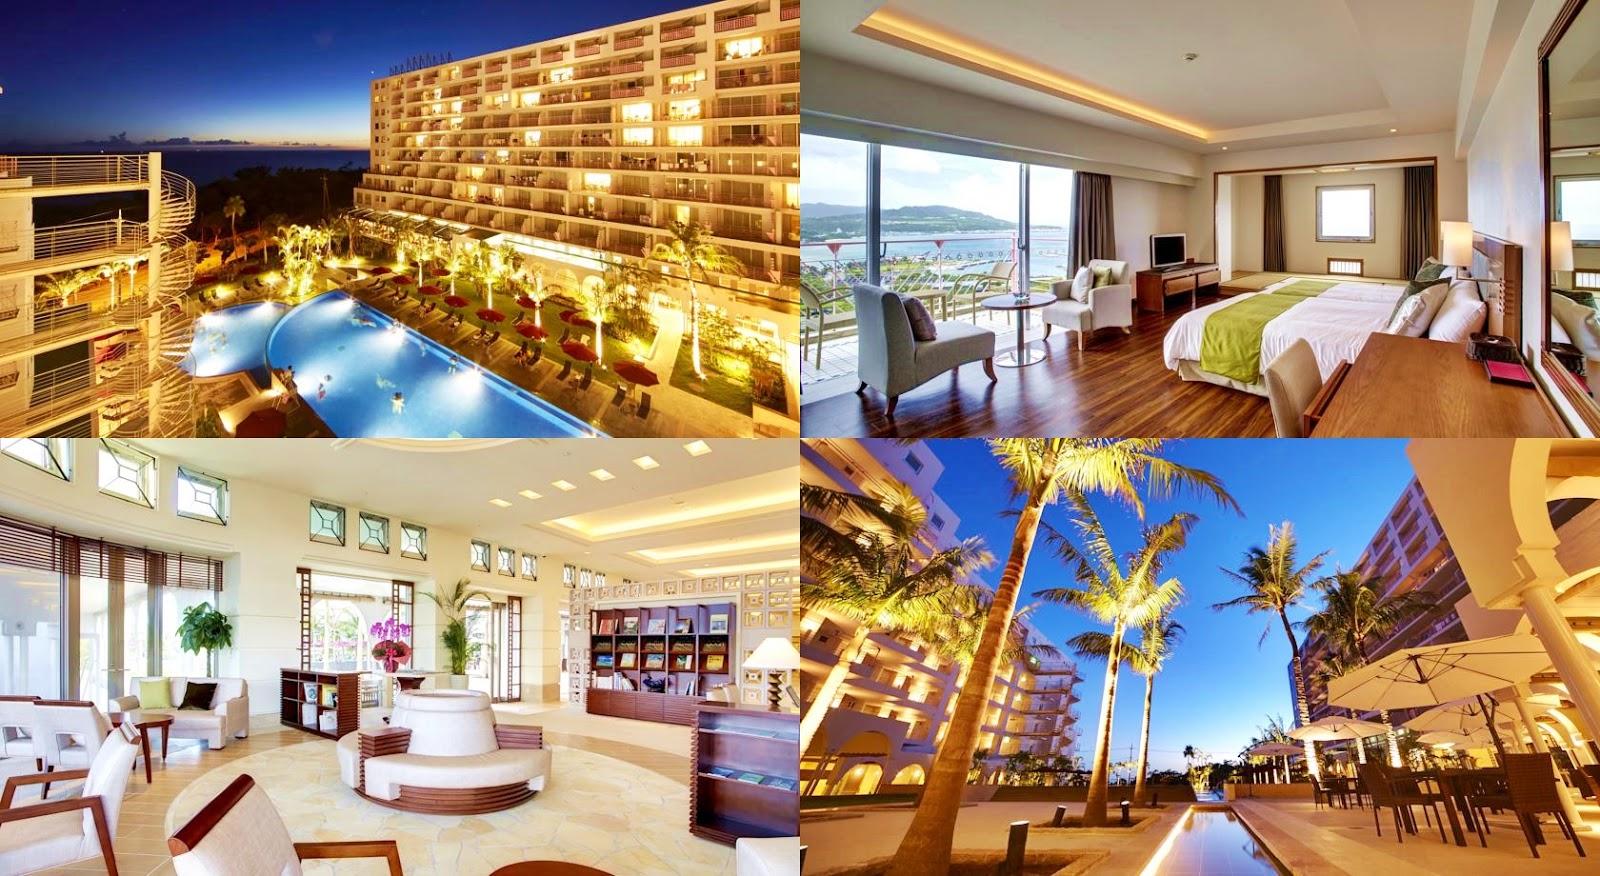 沖繩-住宿-推薦-飯店-旅館-民宿-公寓-沖繩馬海納健康度假酒店-Hotel-Mahaina-Wellness-Resorts-Okinawa-hotel-recommendation